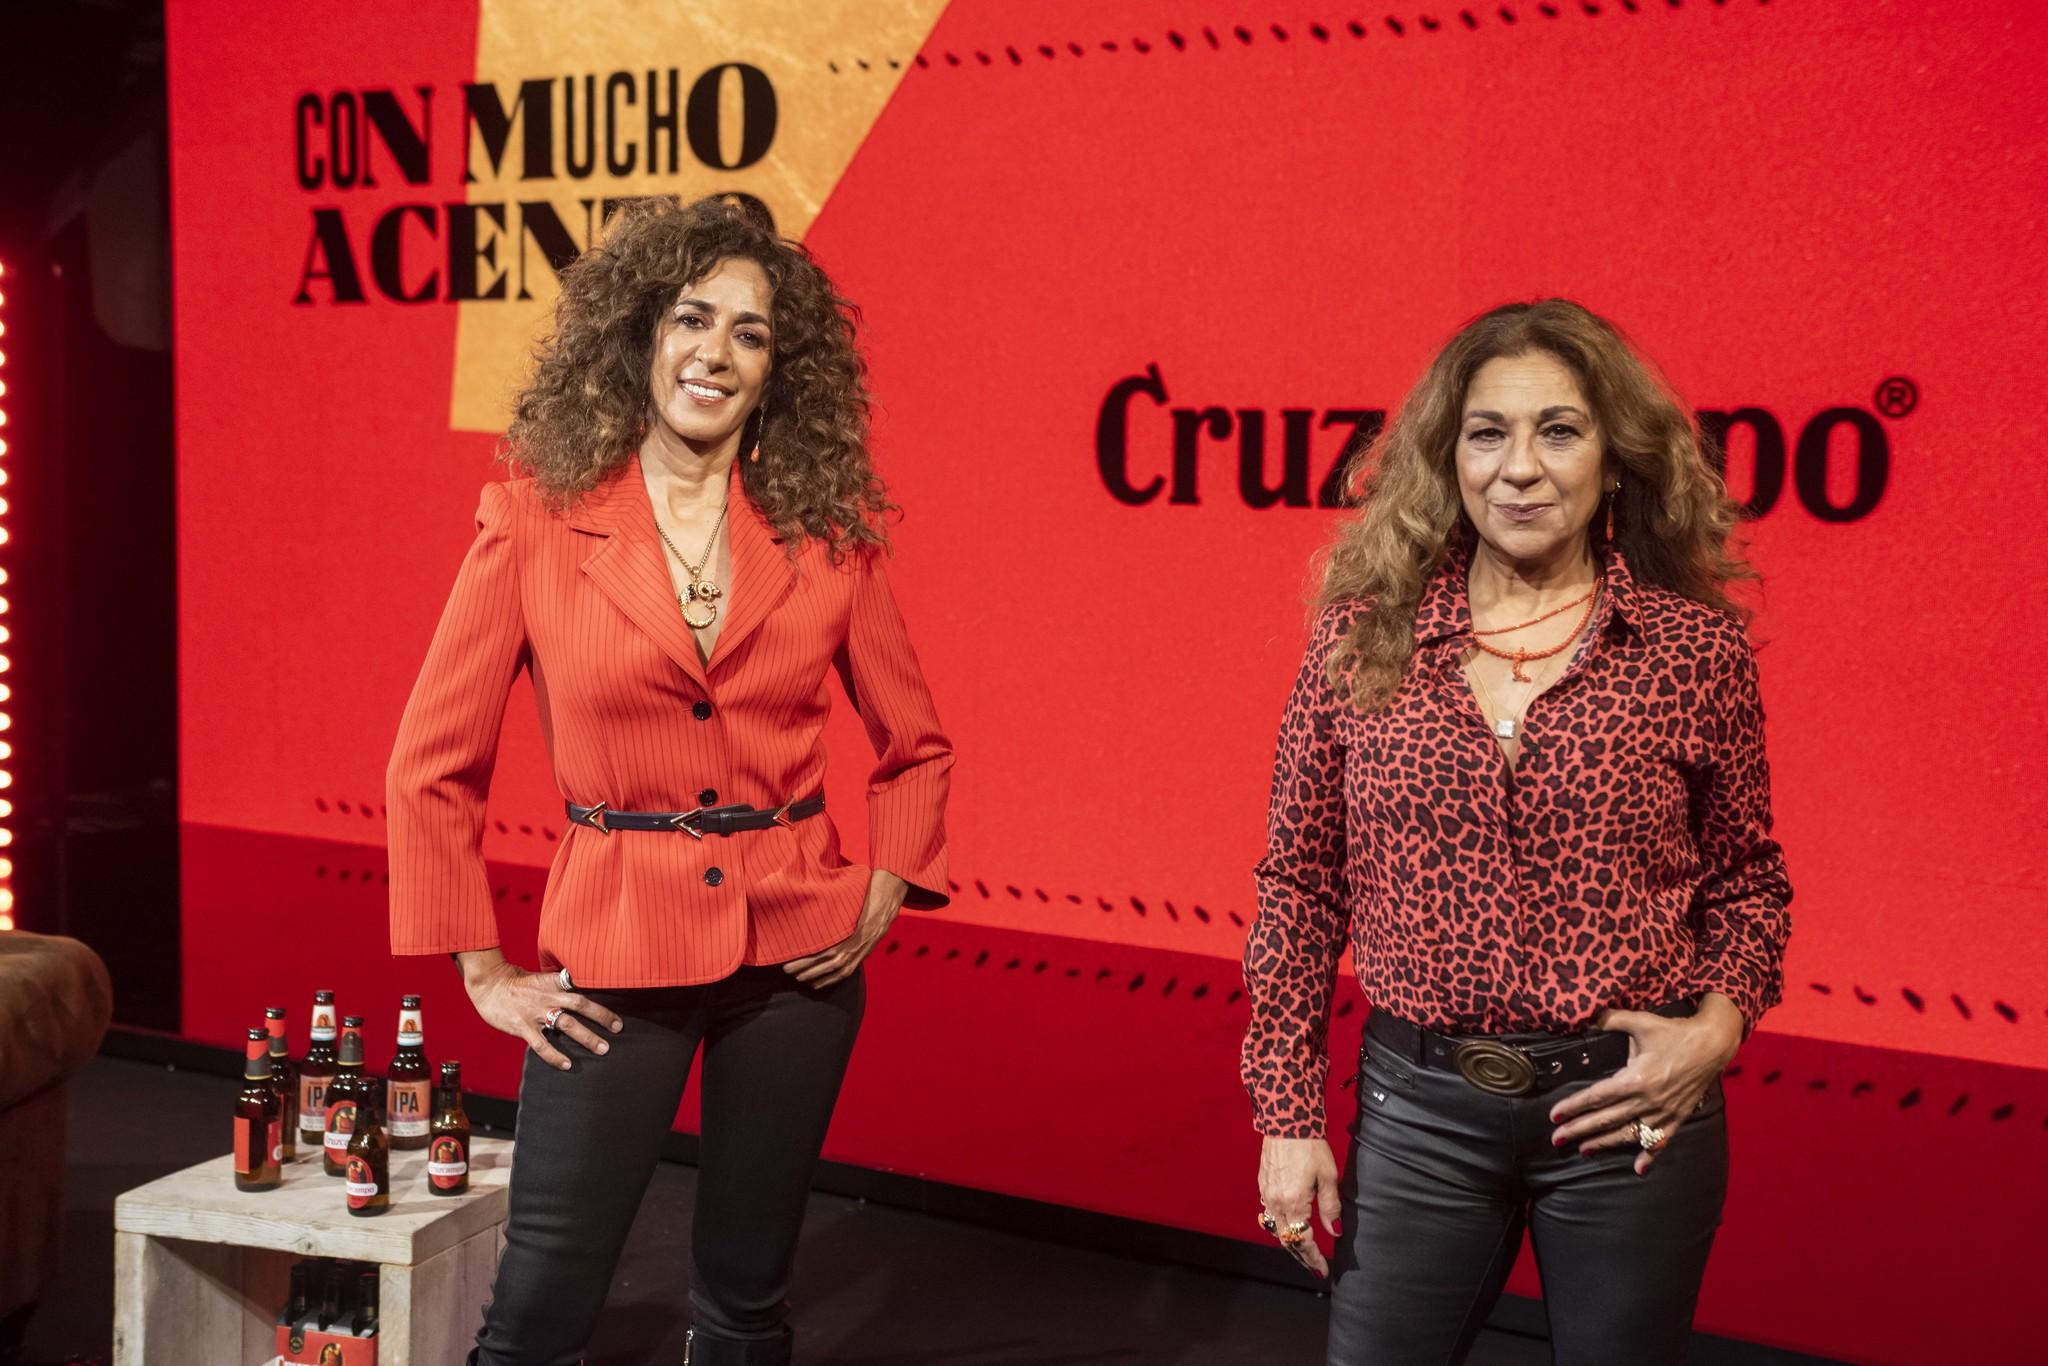 Rosario y Lolita Flores han participado en el spot de su madre, Lola Flores, para Cruzcampo.